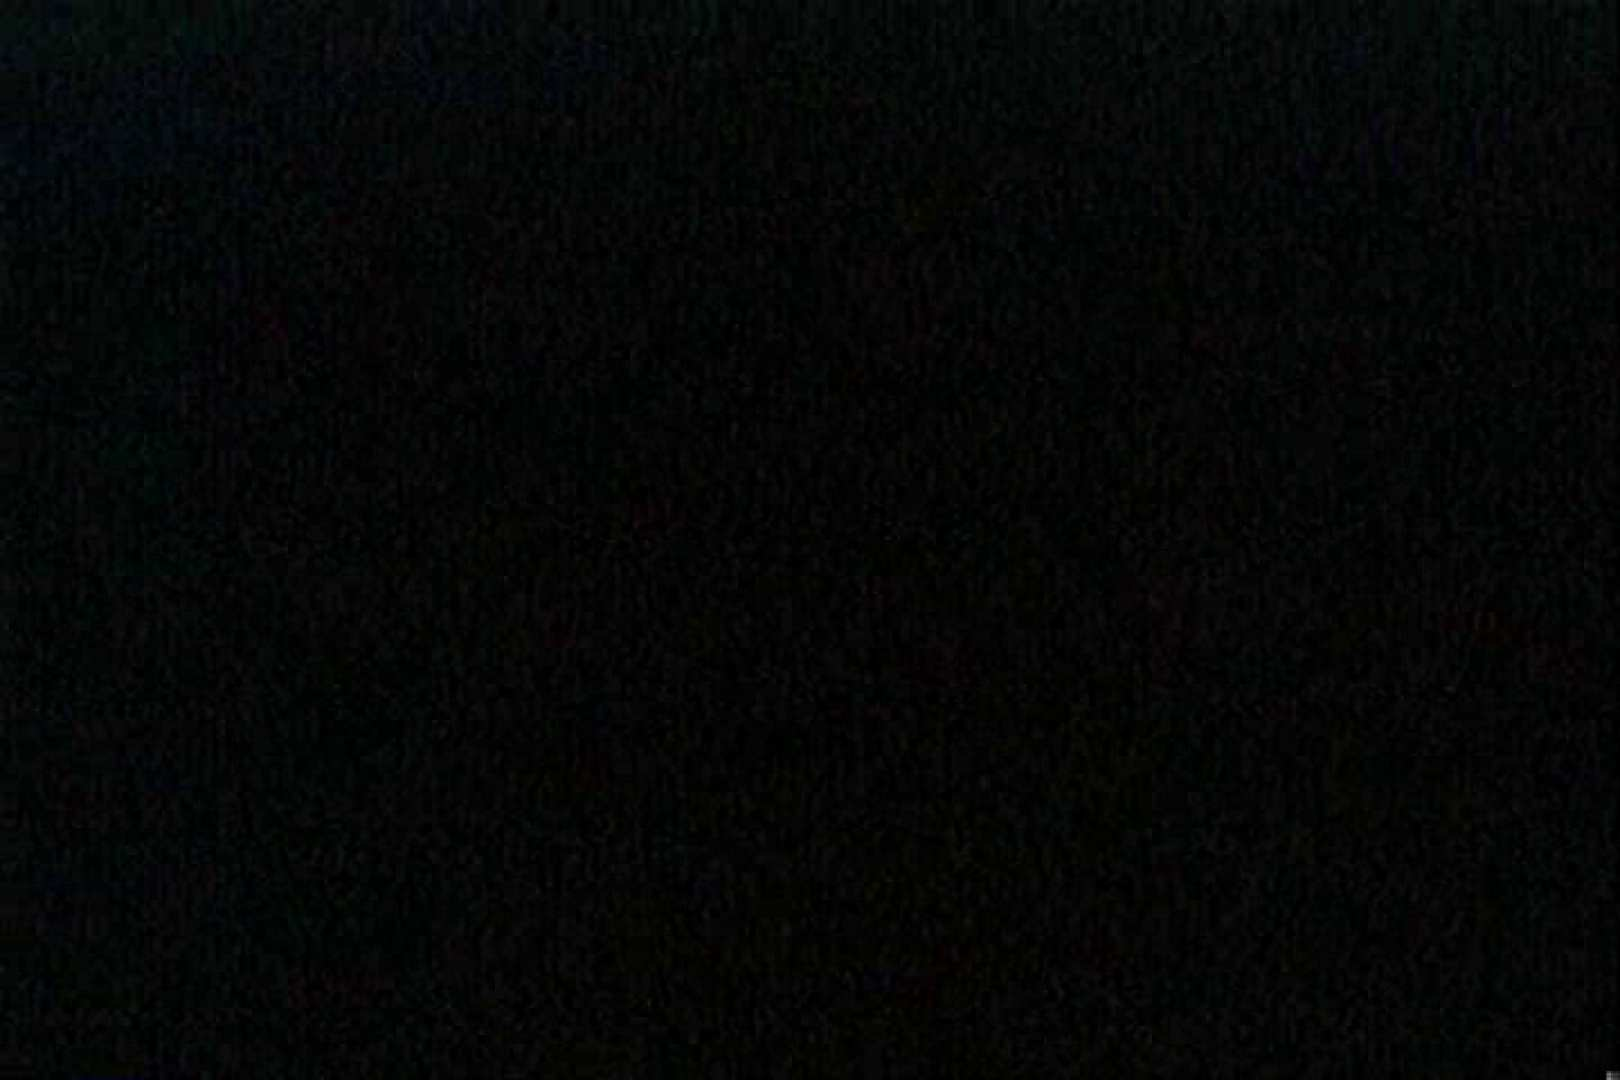 「充血監督」さんの深夜の運動会!! vol.156 OLのボディ   セックス  105PIX 81